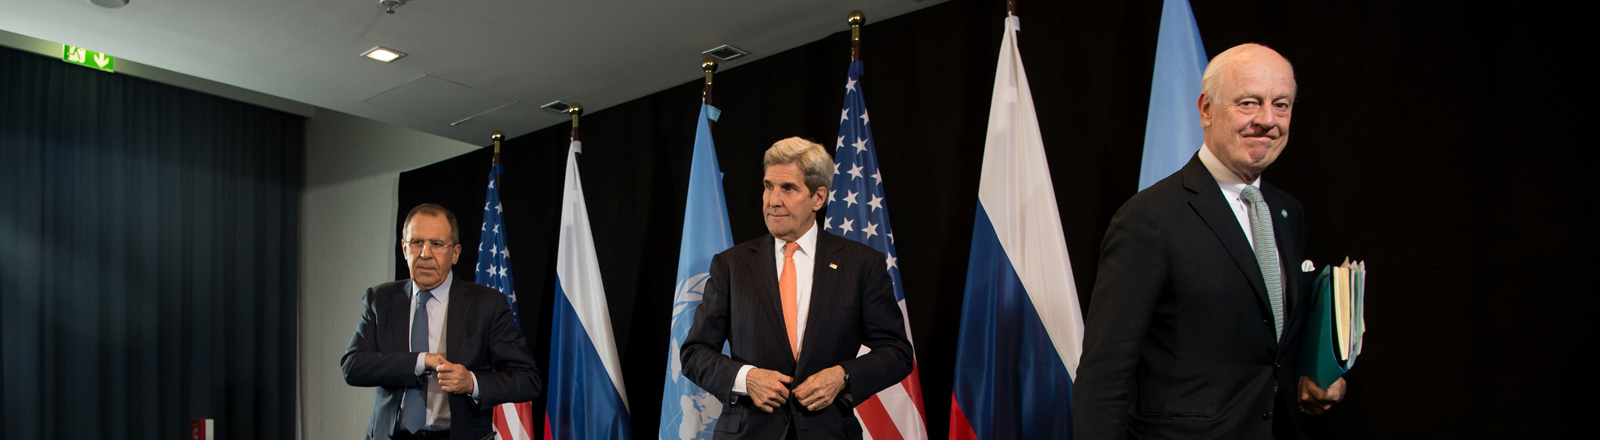 Der Außenminister von Russland, Sergej Lawrow (l-r), der Außenminister der USA, John Kerry, und der UN-Syrien-Sondergesandte Staffan de Mistura verlassen am 12.02.2016 in München (Bayern) nach der Syrien-Konferenz nach einer Pressekonferenz das Podium.